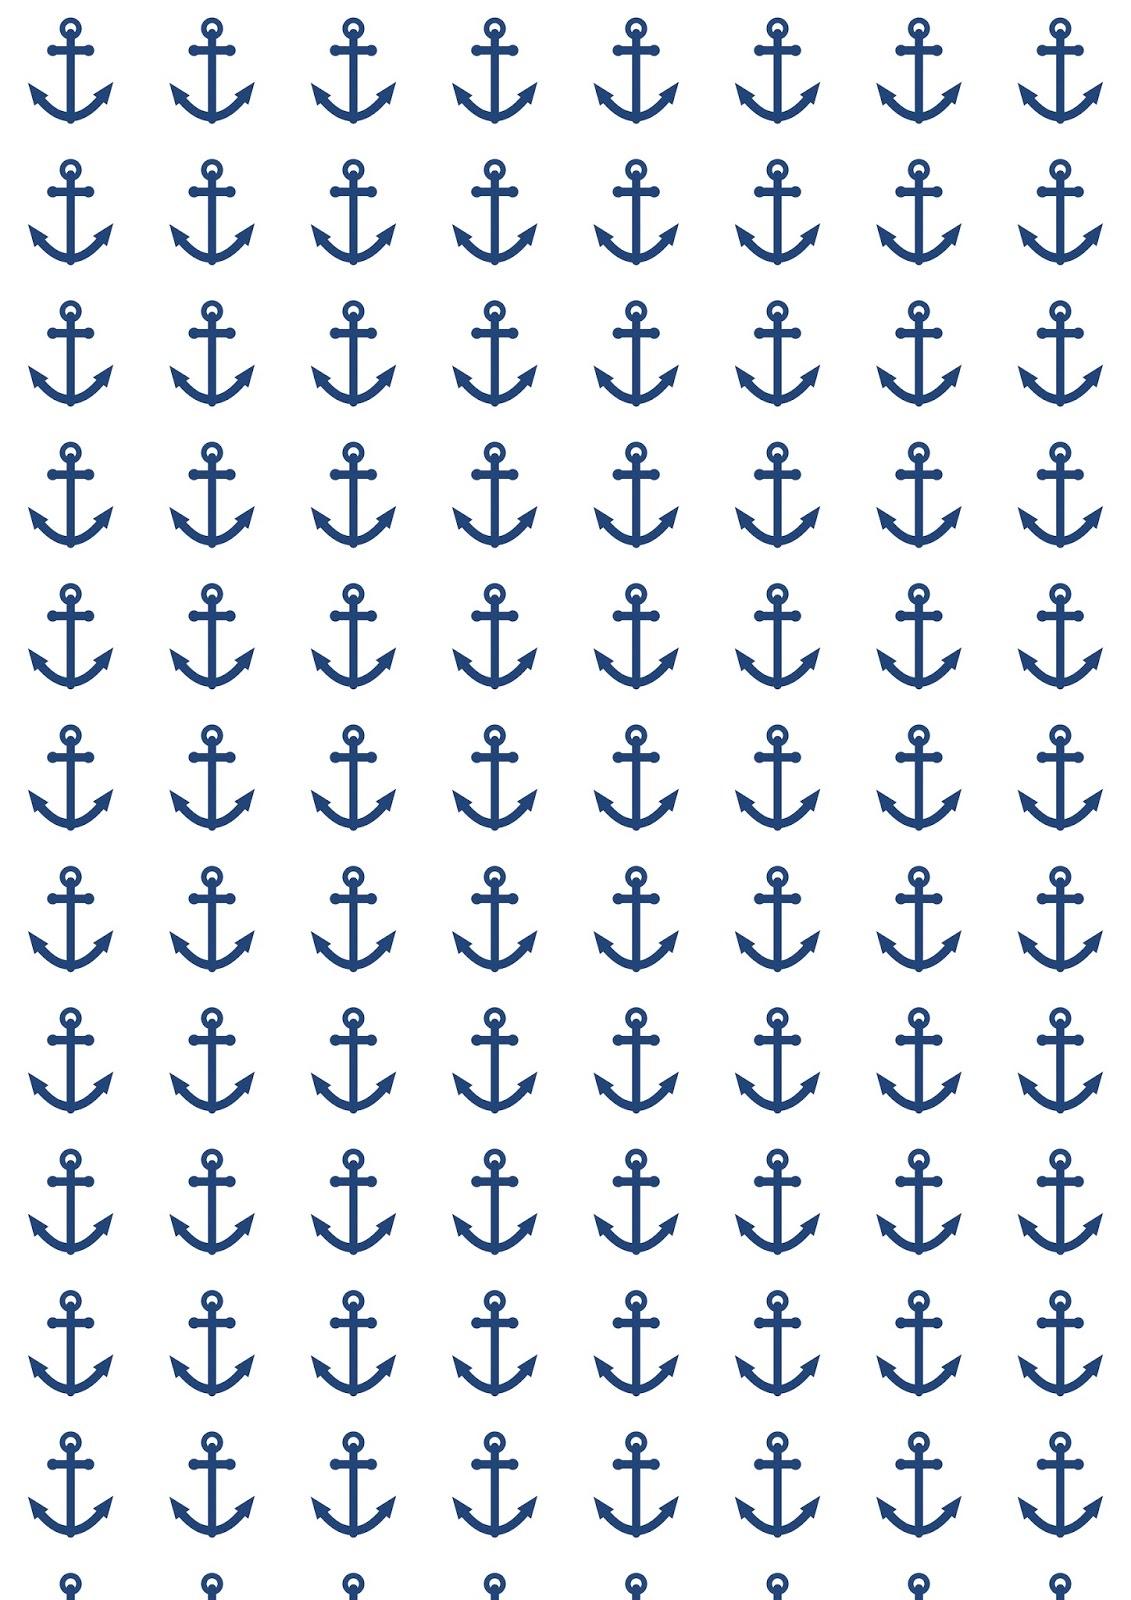 http://2.bp.blogspot.com/-LwIscEZQkOk/VUTHPhPKPCI/AAAAAAAAitM/VNjC4P1u4QI/s1600/anchor_pattern_paper_A4.jpg